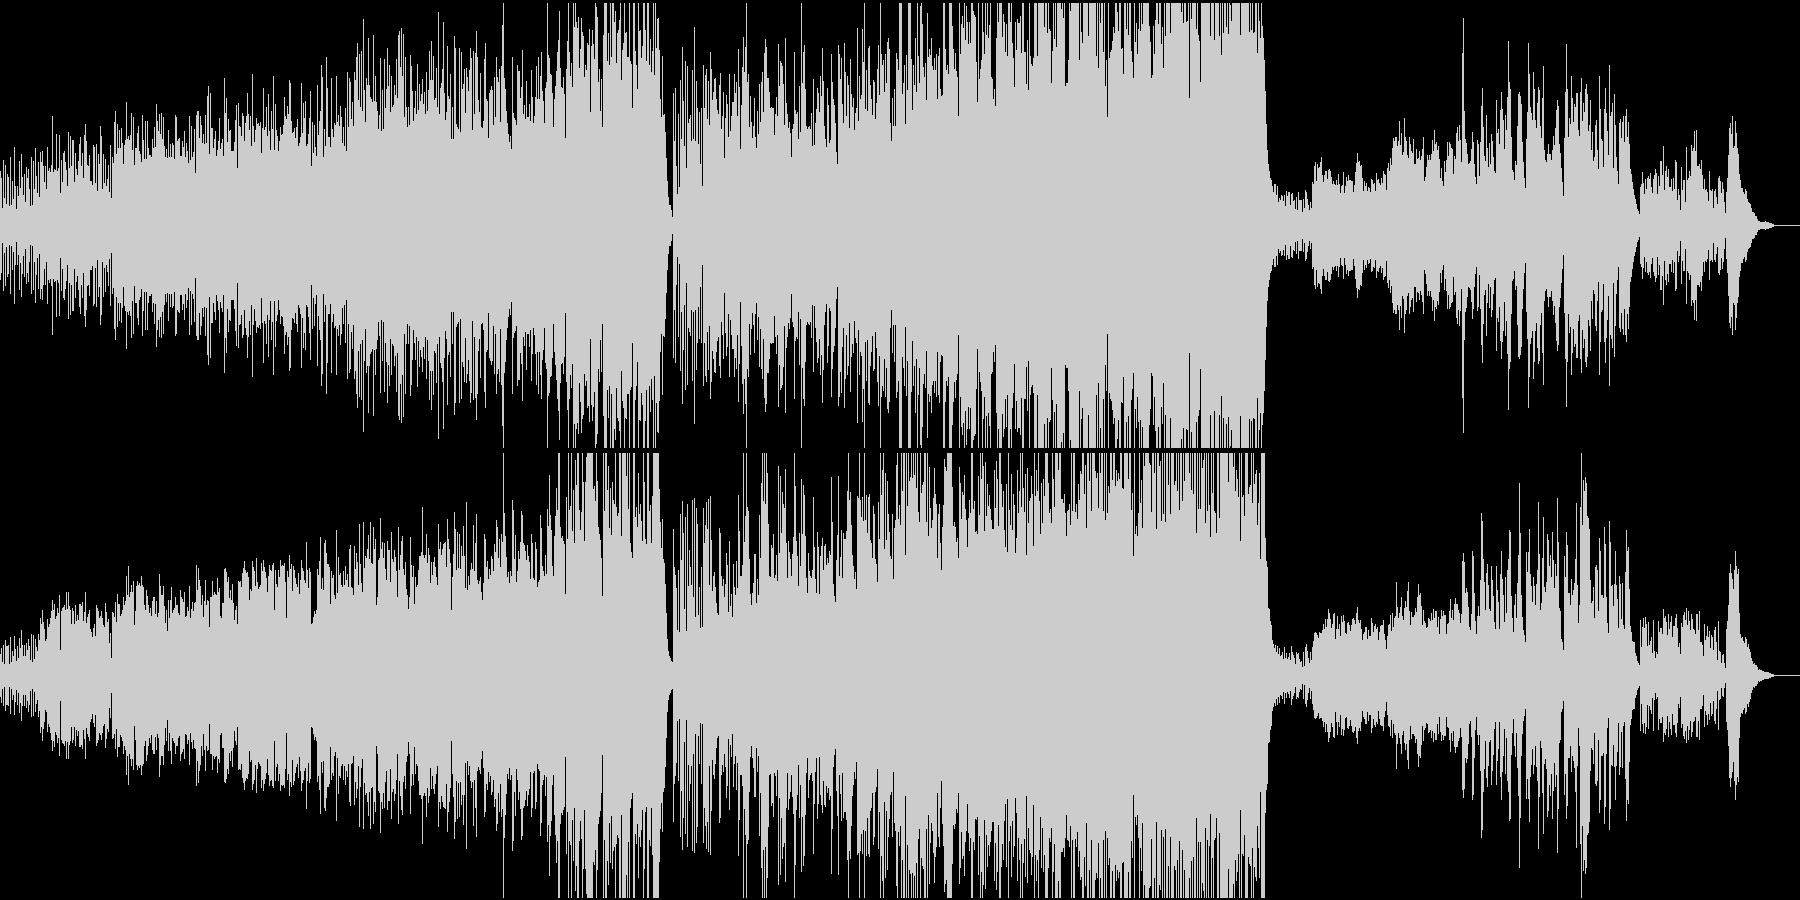 渓流のように爽やかな室内楽風プログレの未再生の波形